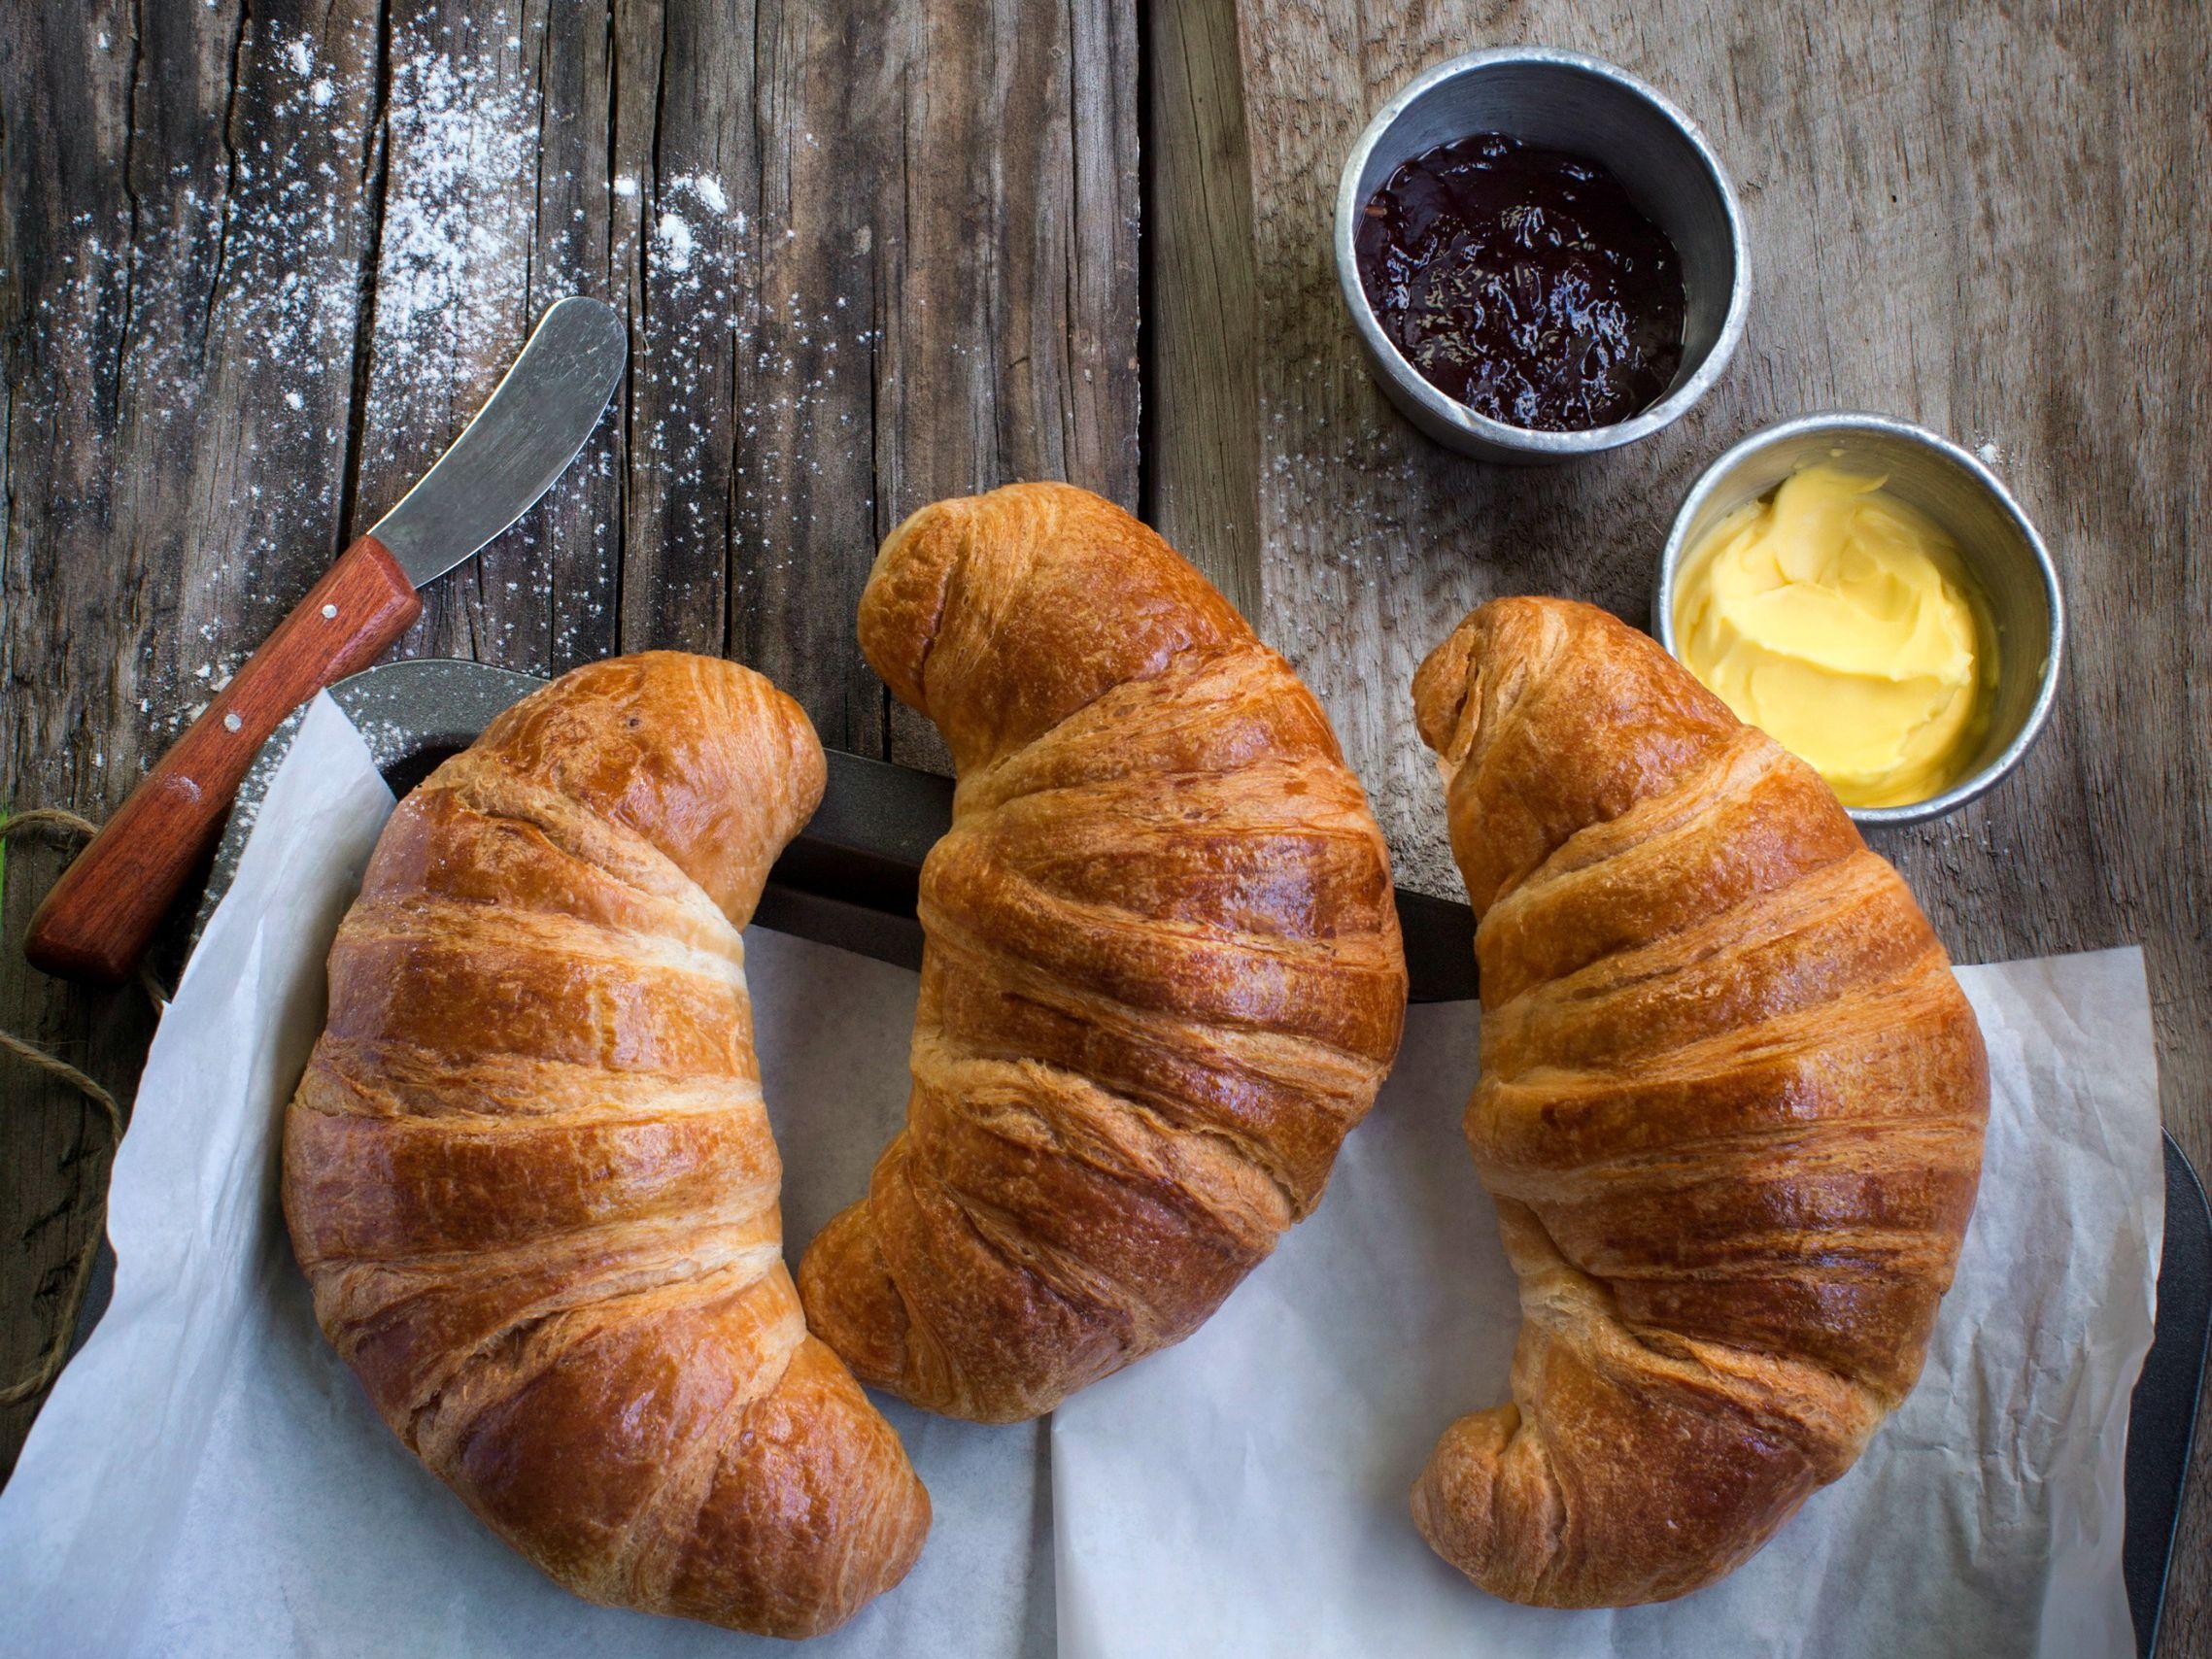 Los 5 lugares para comer los mejores croissants de la ciudad - novedades, lugares